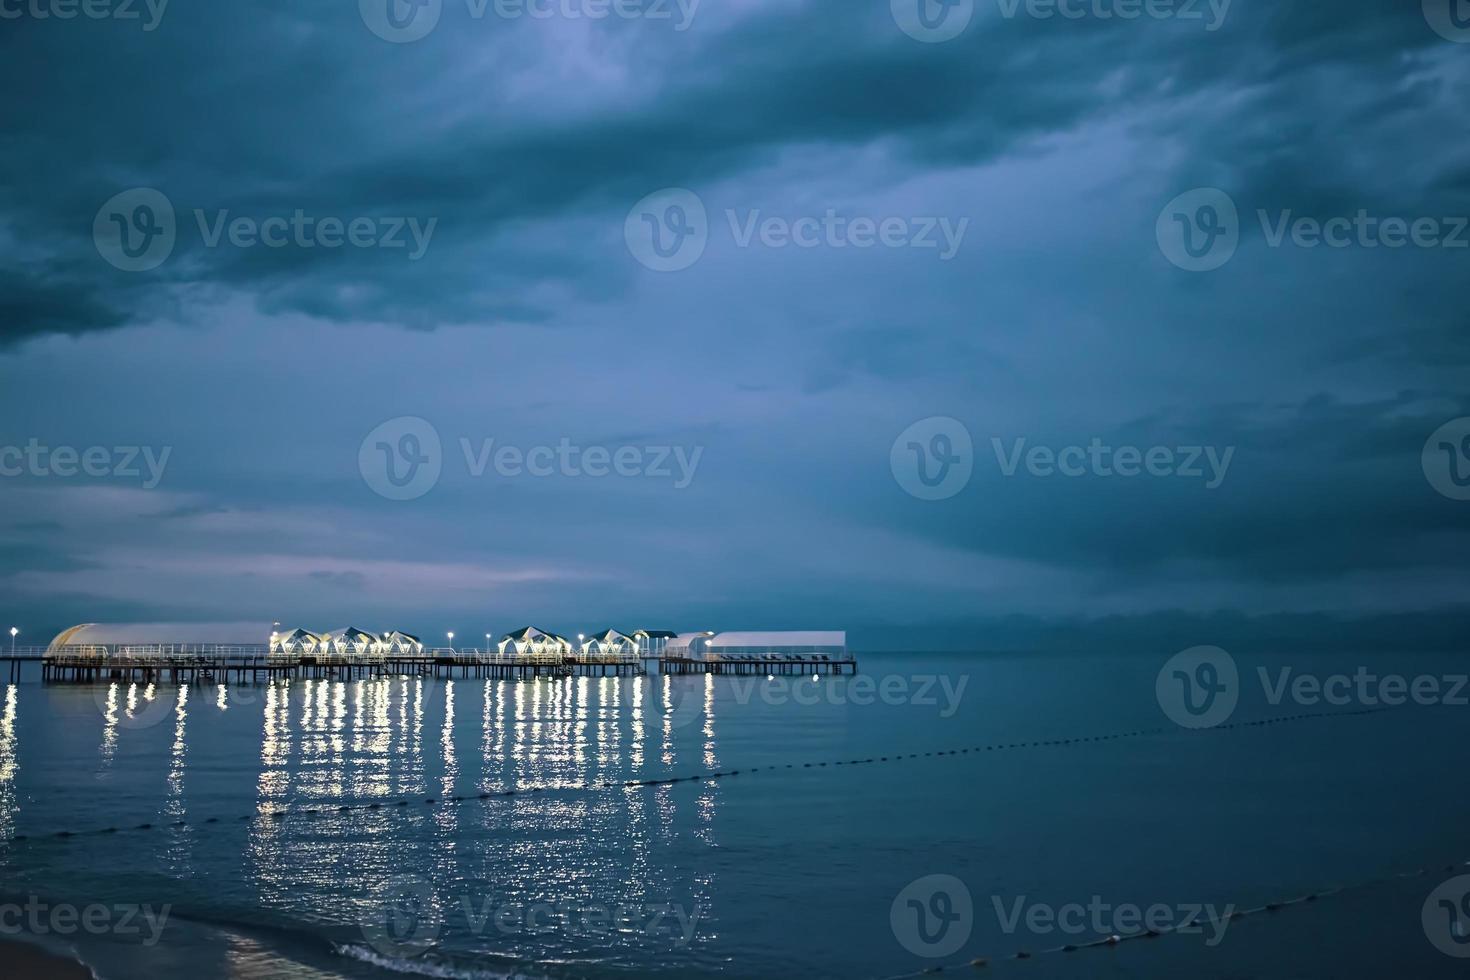 schemering landschap van pier die zich uitstrekt in zee foto